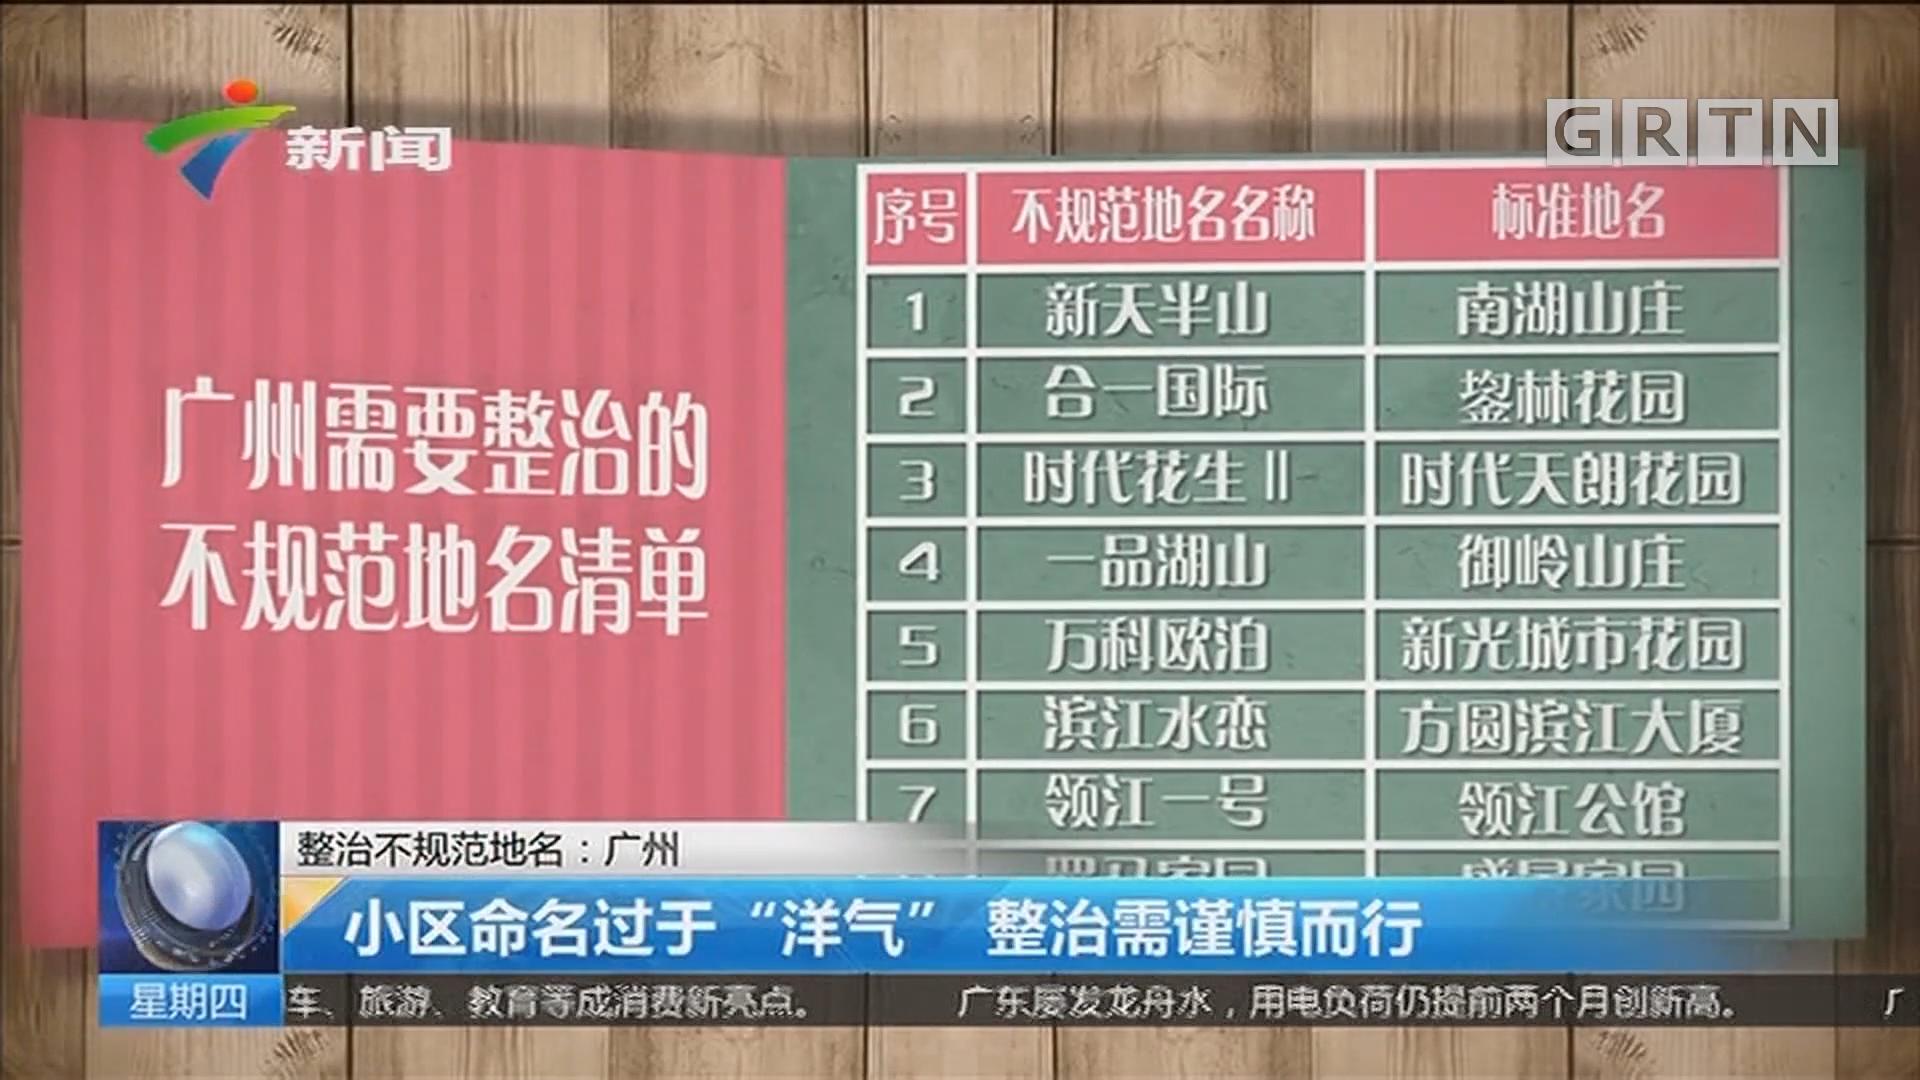 """整治不规范地名:广州 小区命名过于""""洋气"""" 整治需谨慎而行"""